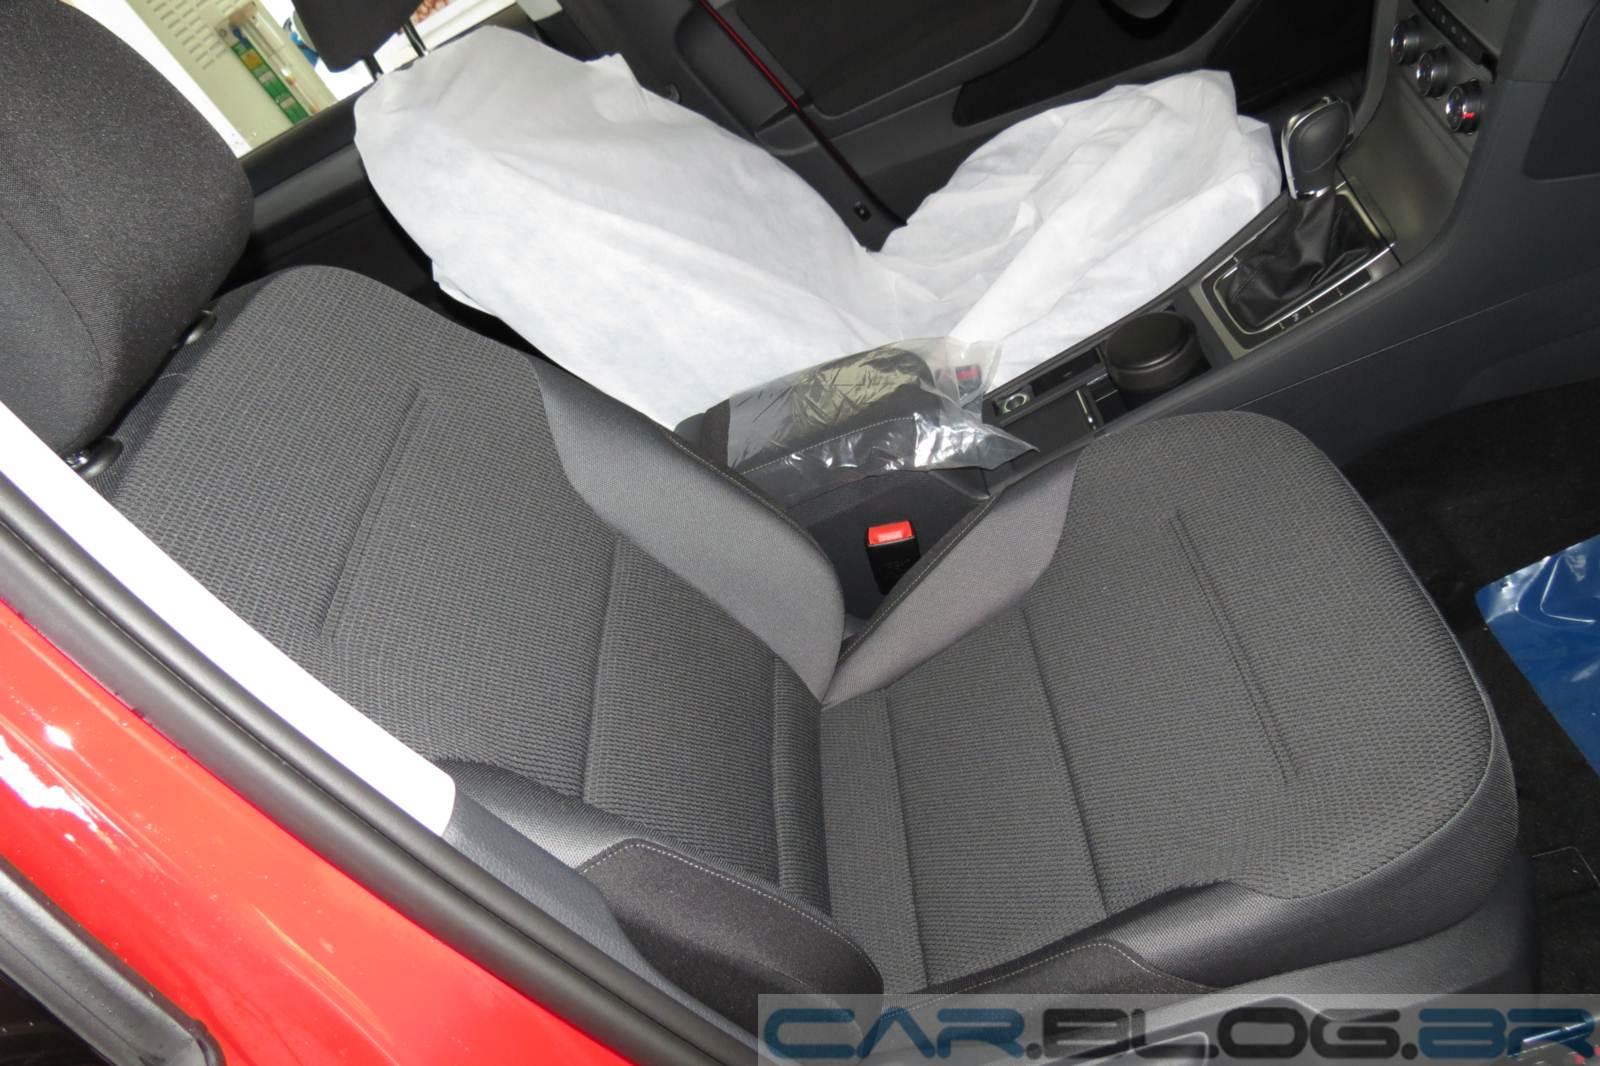 Novo VW Golf Comfortline 2015 - interior